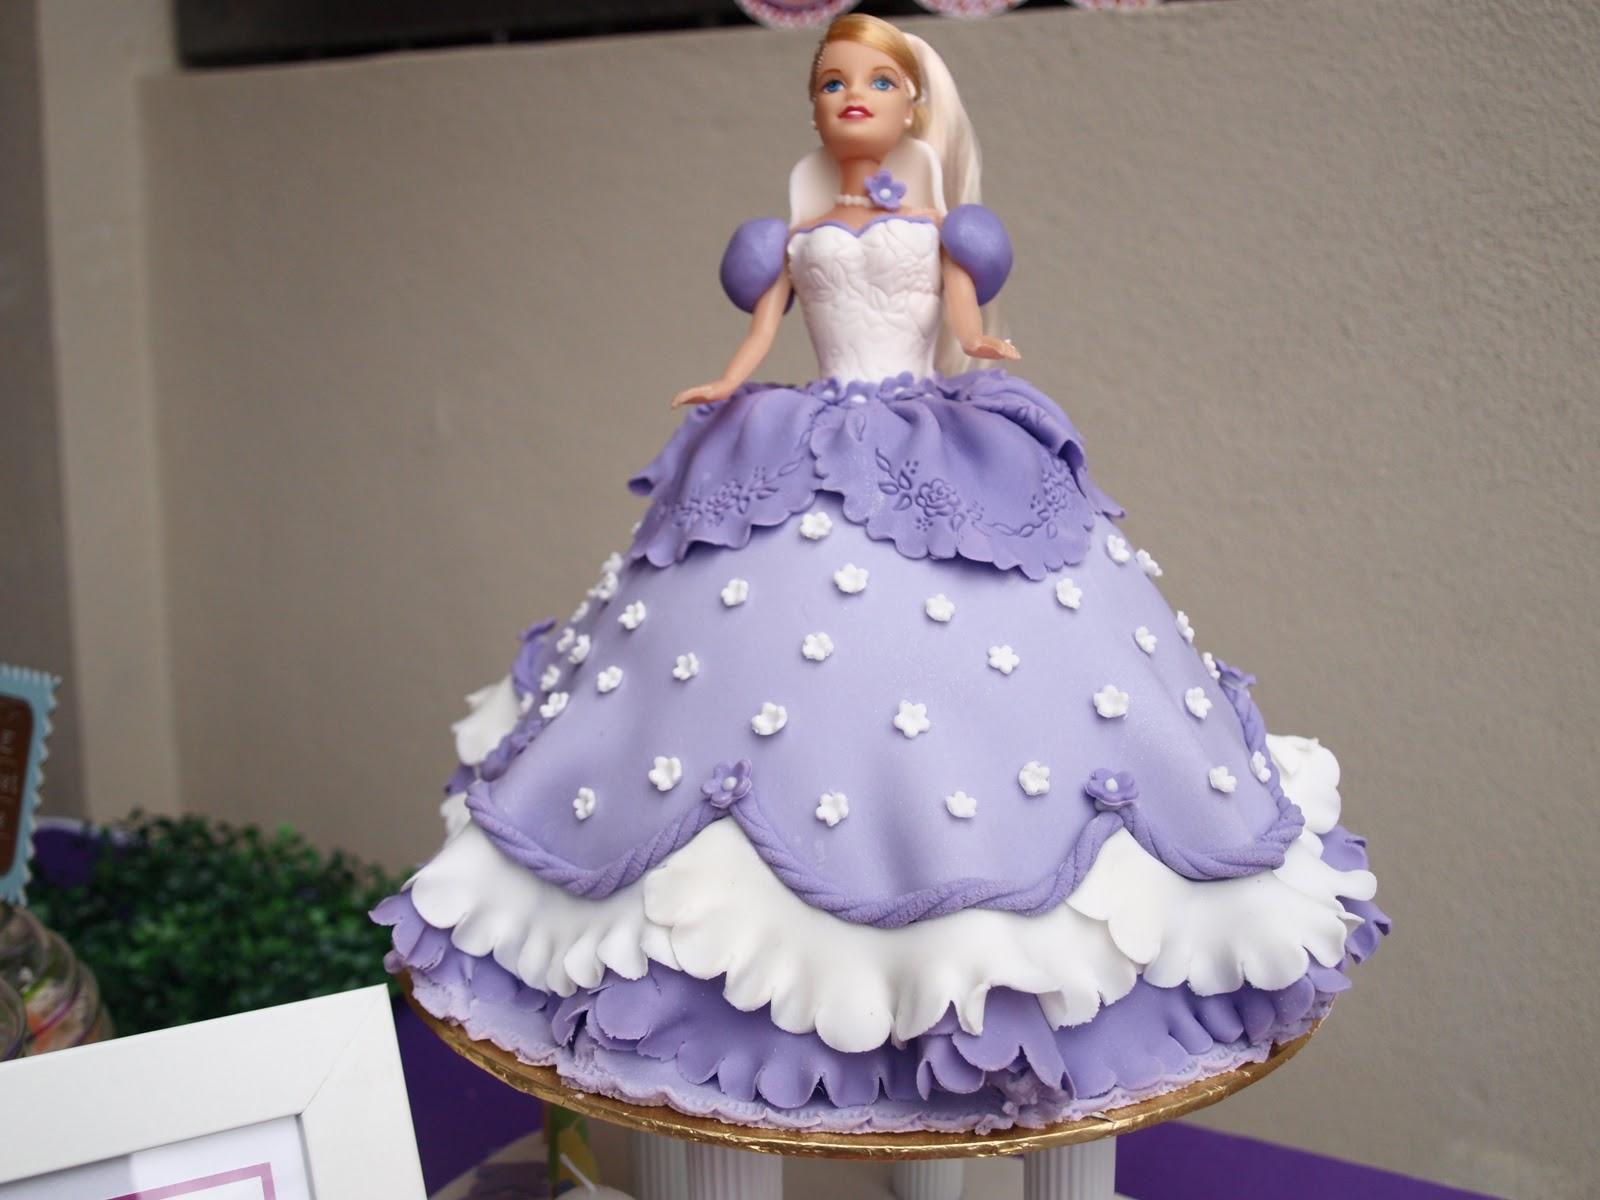 Barbie Doll Cake Decoration Idea 2